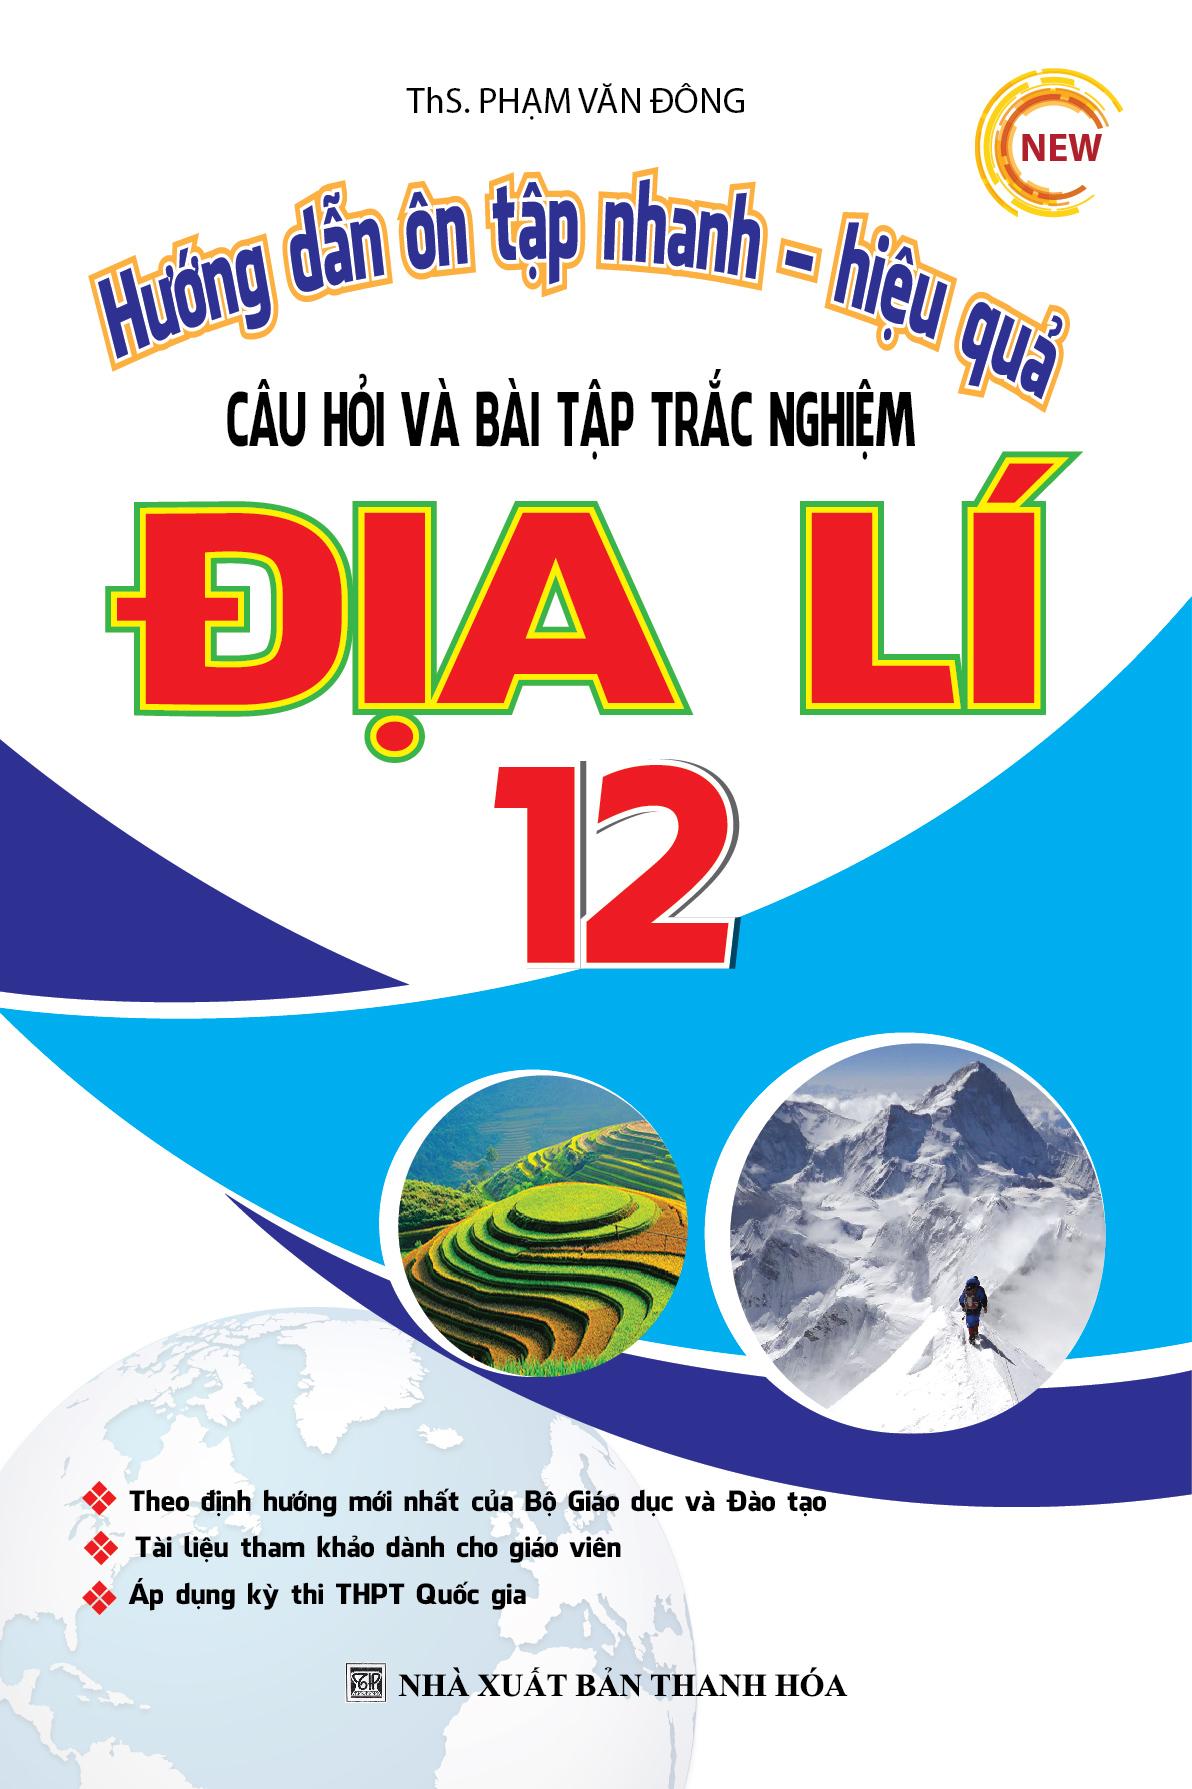 Hướng Dẫn Ôn Tập Nhanh Hiệu Quả Câu Hỏi Và Bài Tập Trắc Nghiệm Địa Lí 12 - EBOOK/PDF/PRC/EPUB